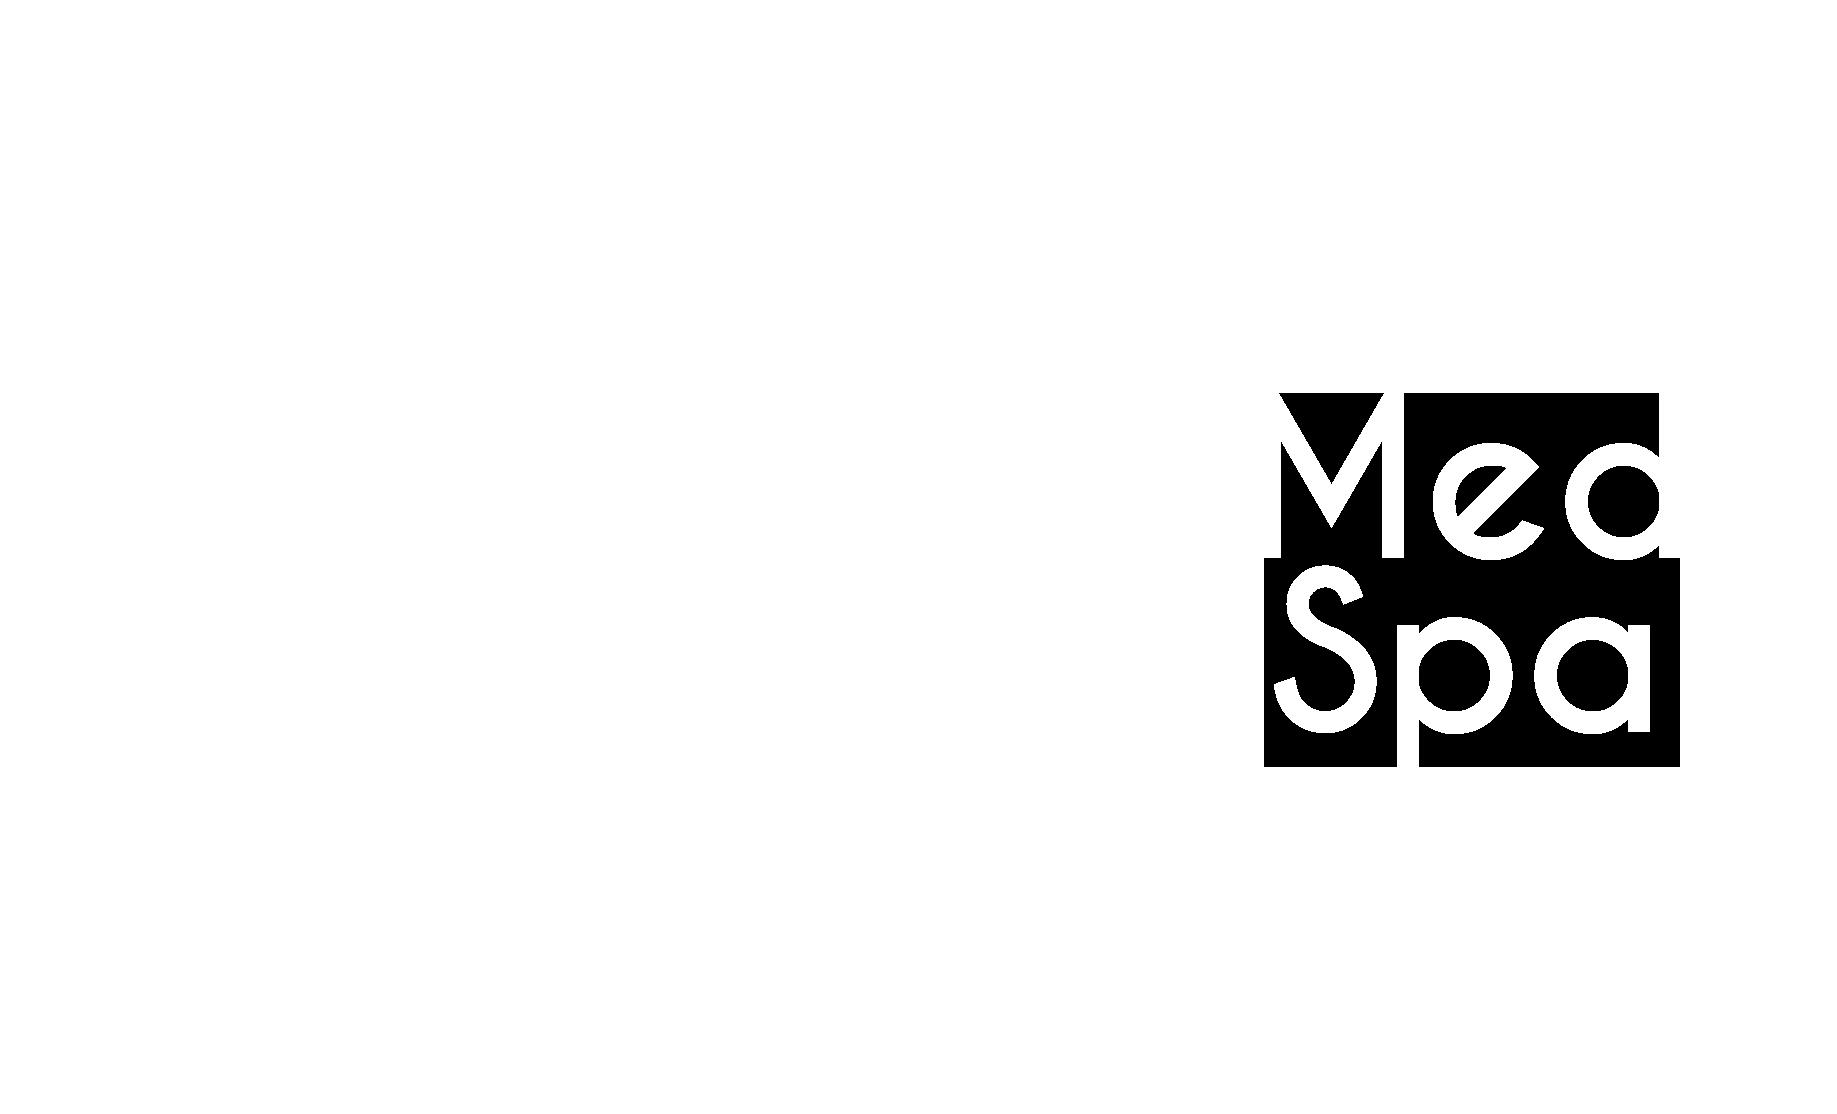 SC MedSpa